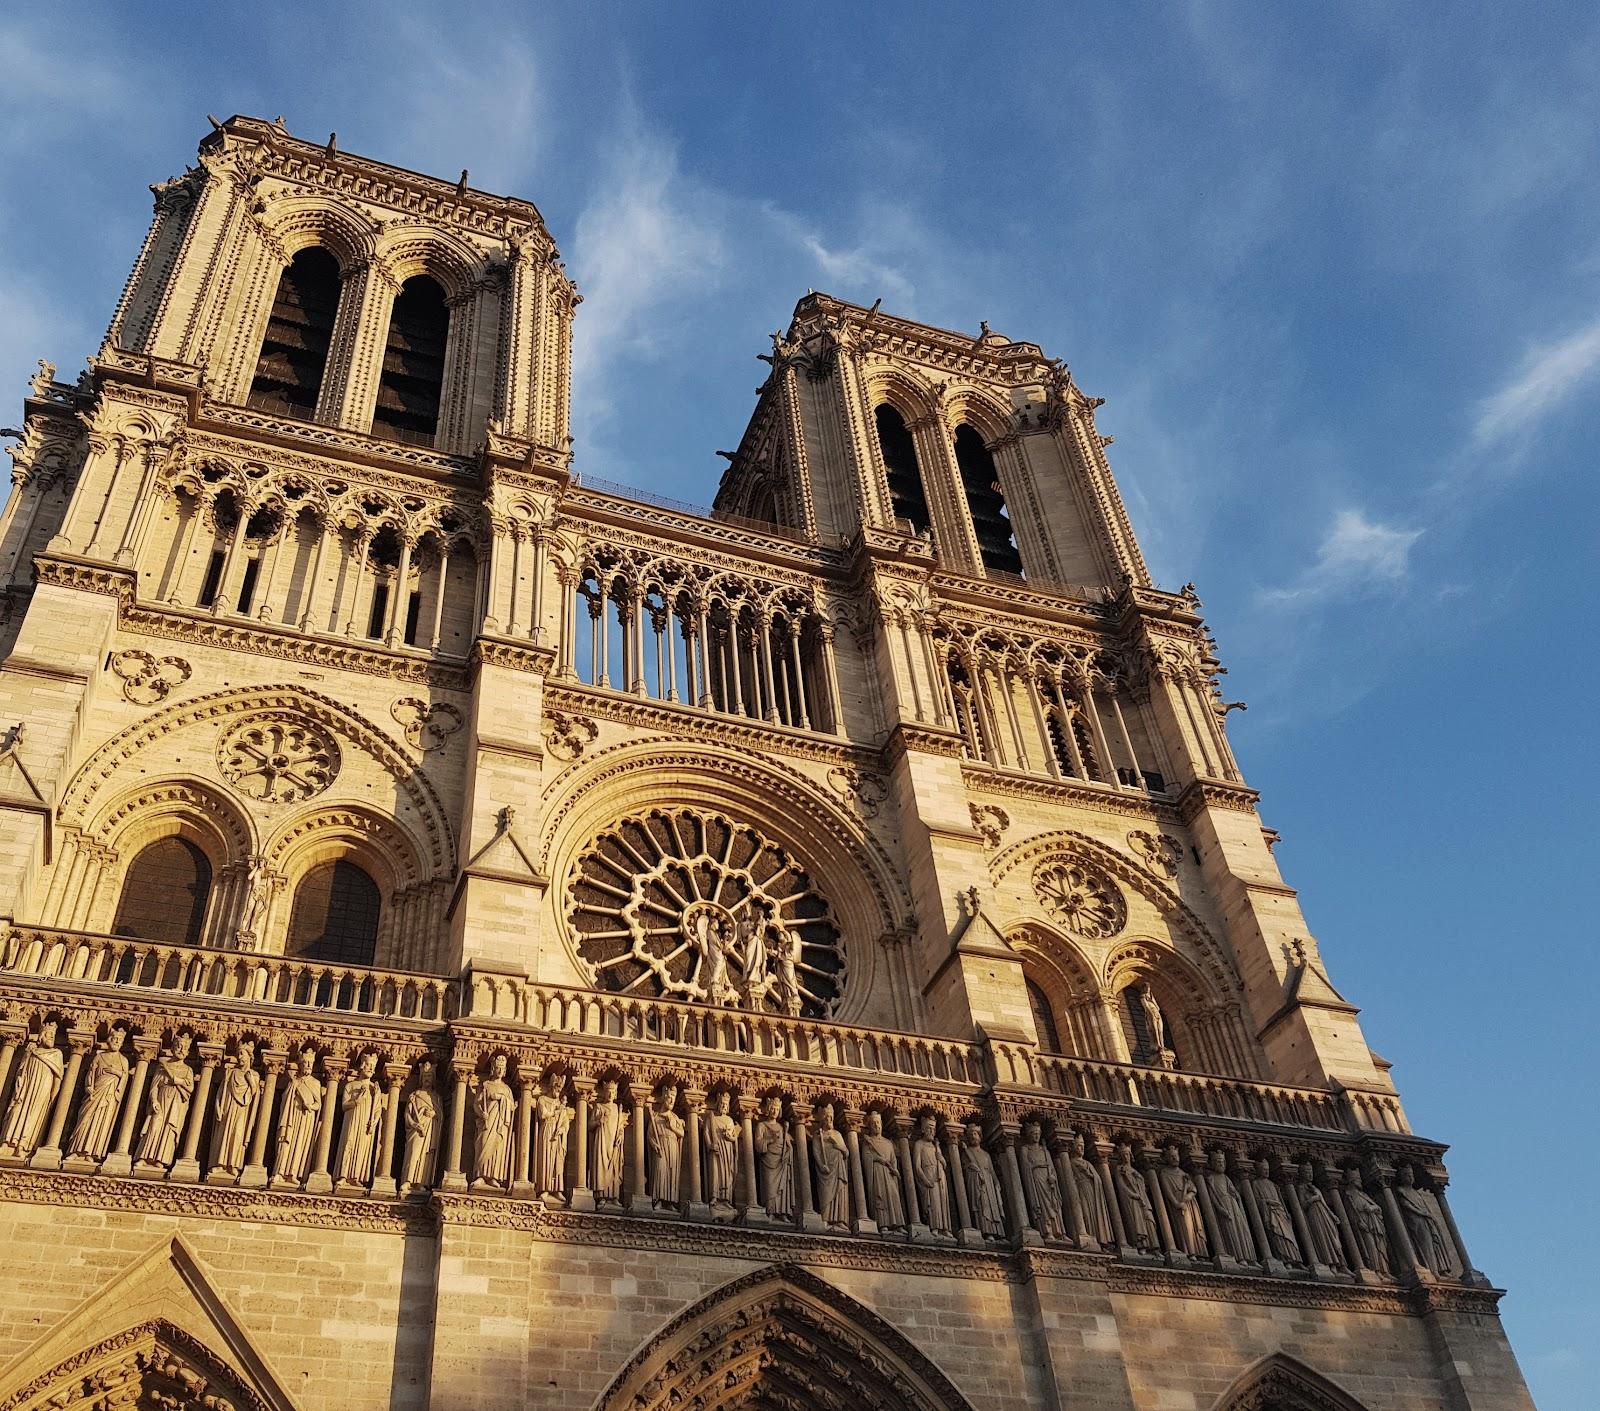 נוטרה דאם פריז מקומות ששווה לחזור אליהם בפריז רומנטית